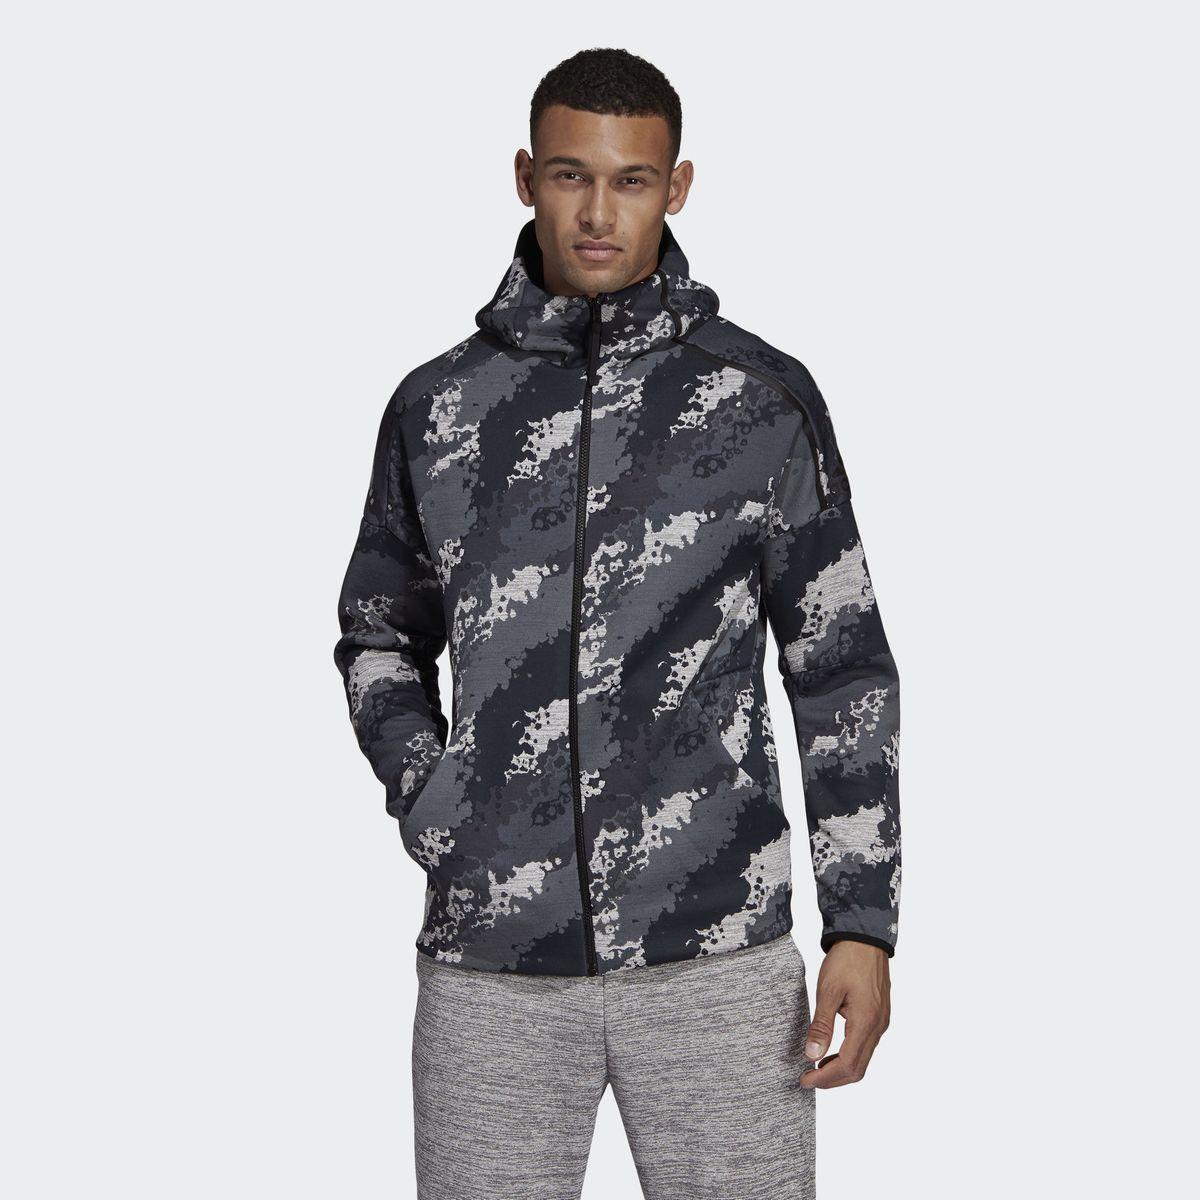 Fast Release Adidas Z n Taille À Capuche Print Veste eAllover klPZiTwOXu